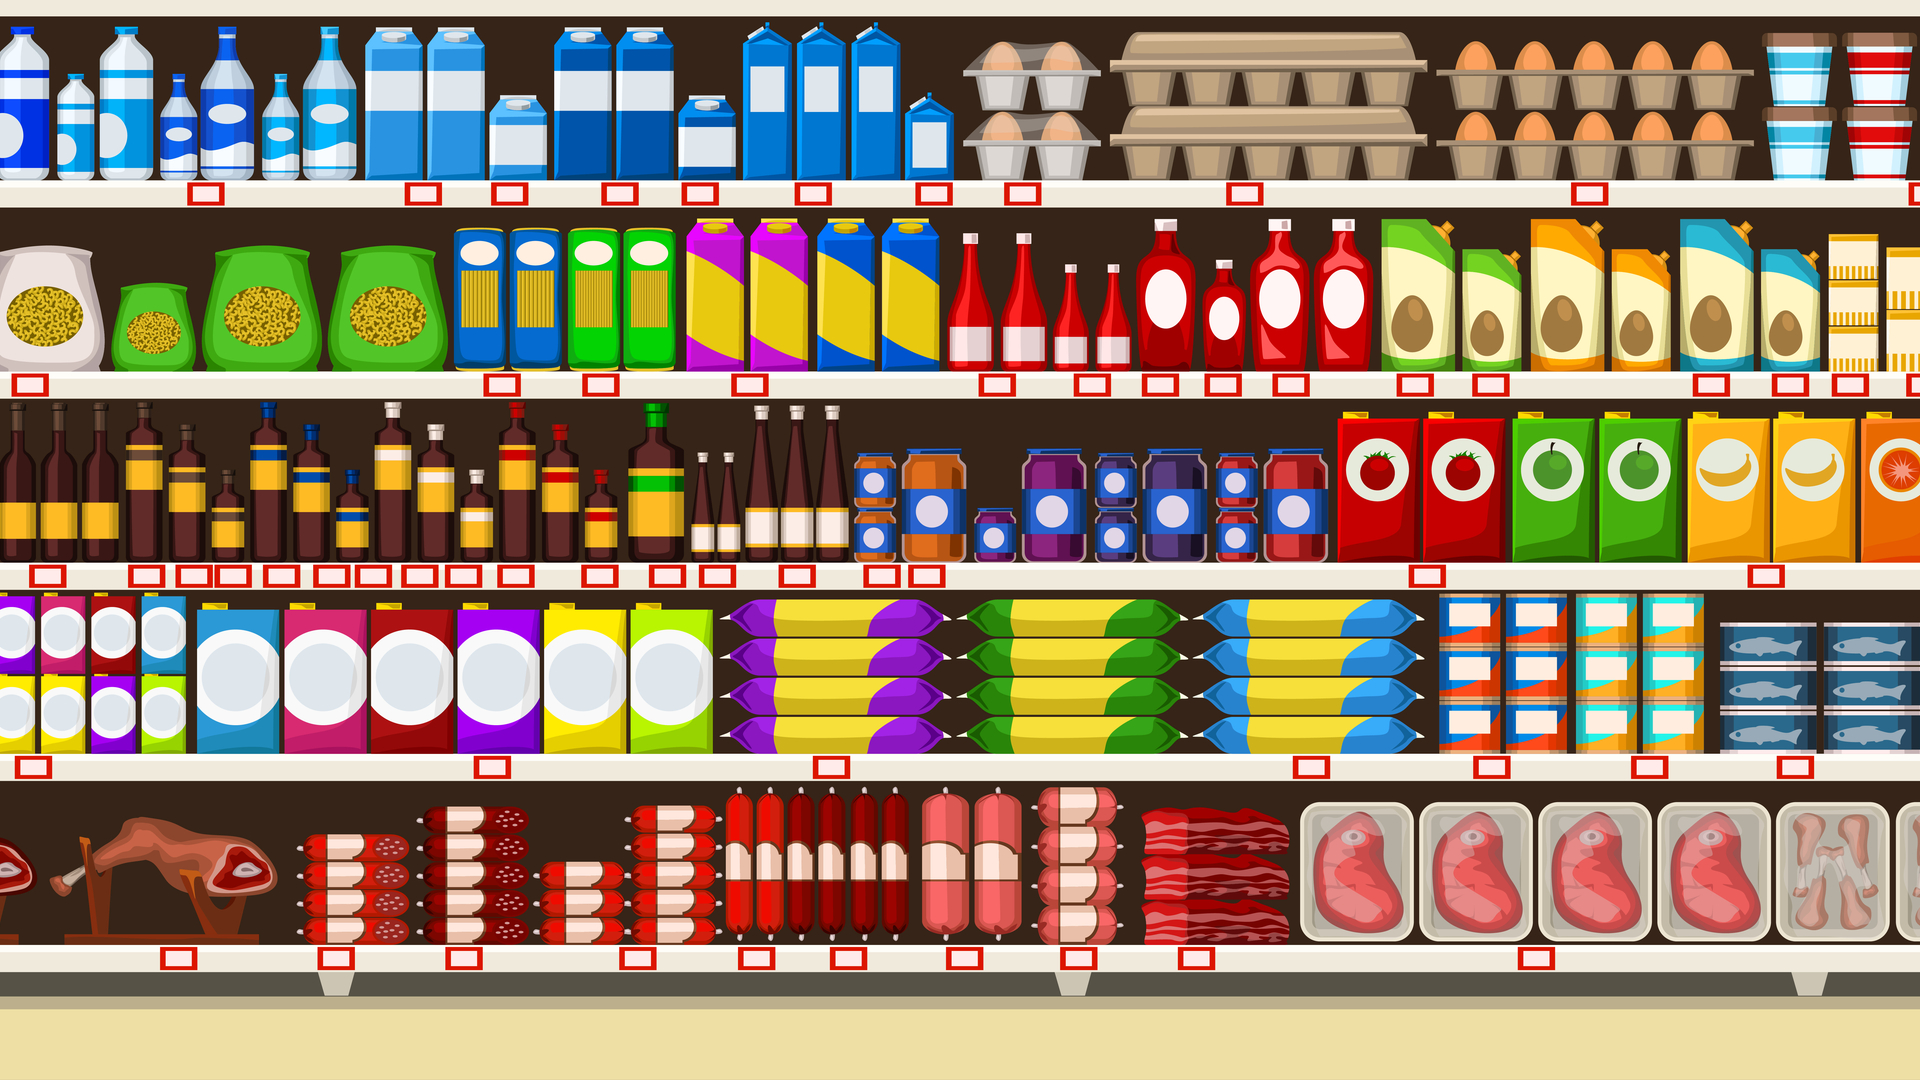 Conheça os fatores de risco que levam a contaminação de um alimento embalado em pote ou balde